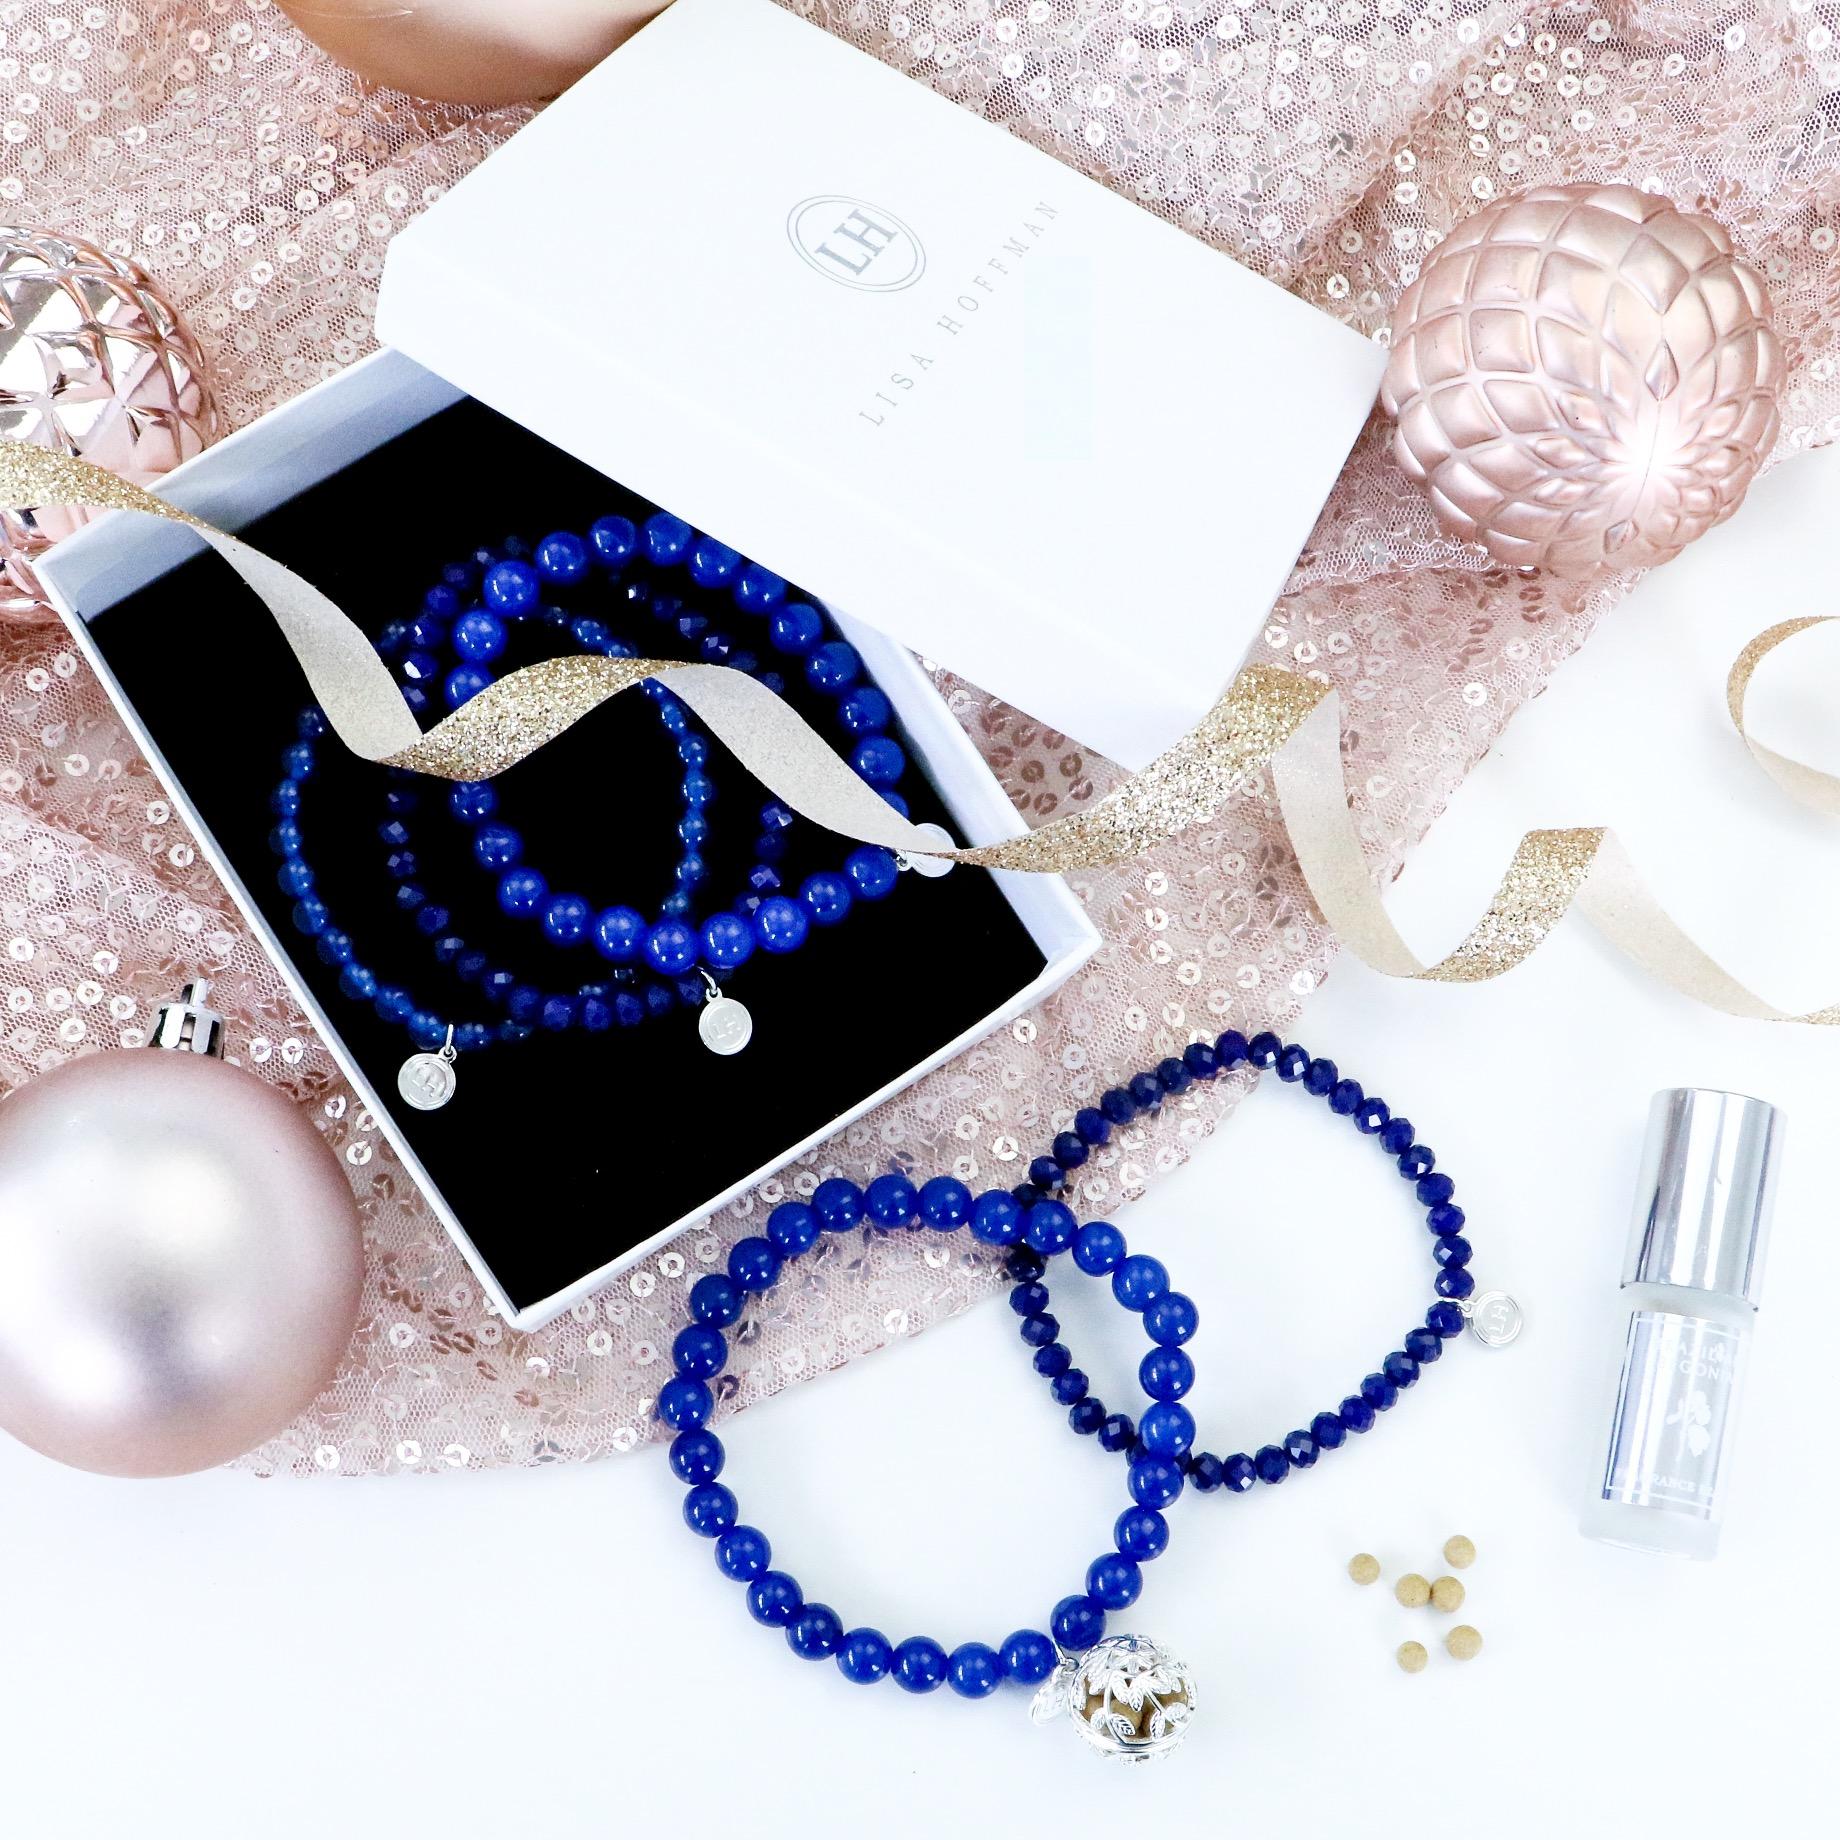 Lisa Hoffman 5 Stack Crystal & Gemstone Bracelet - Cruelty Free Gift Guide